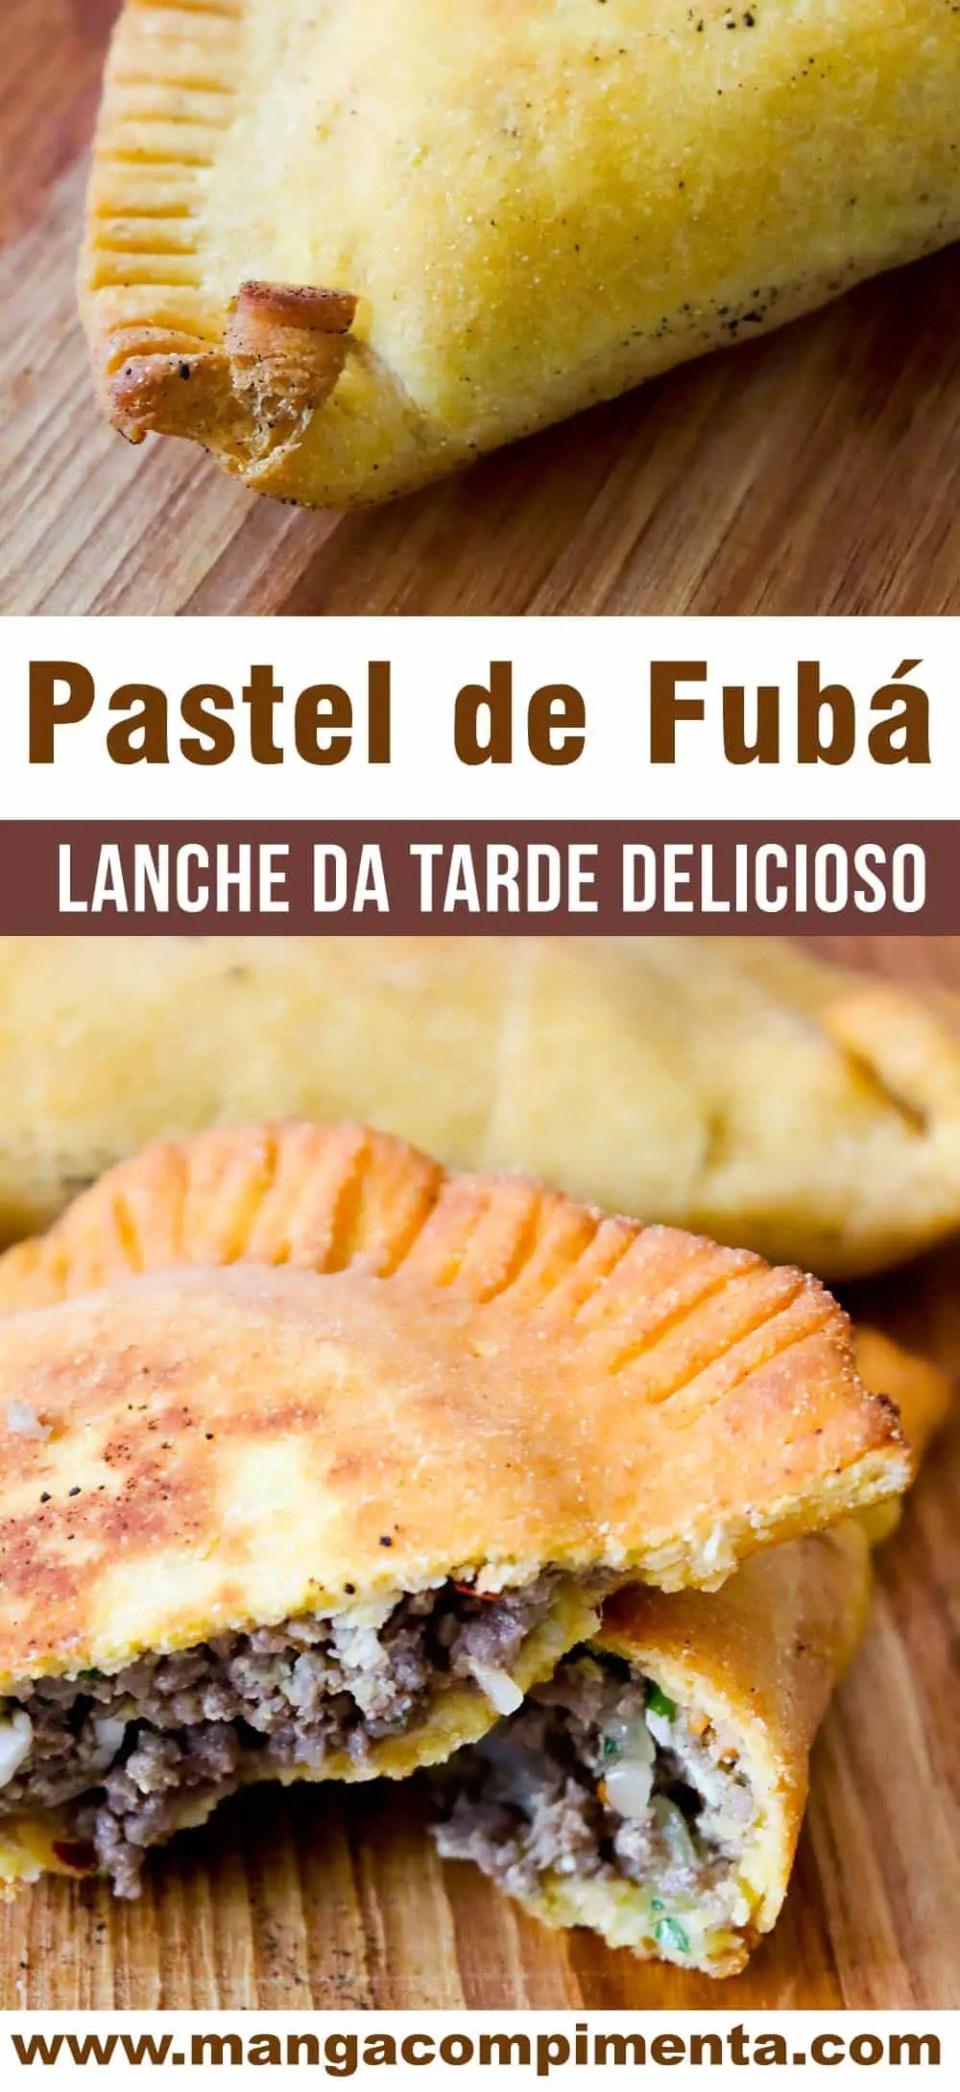 Pastel de Fubá - Sirva no Lanche da tarde ou para ganhar dinheiro!